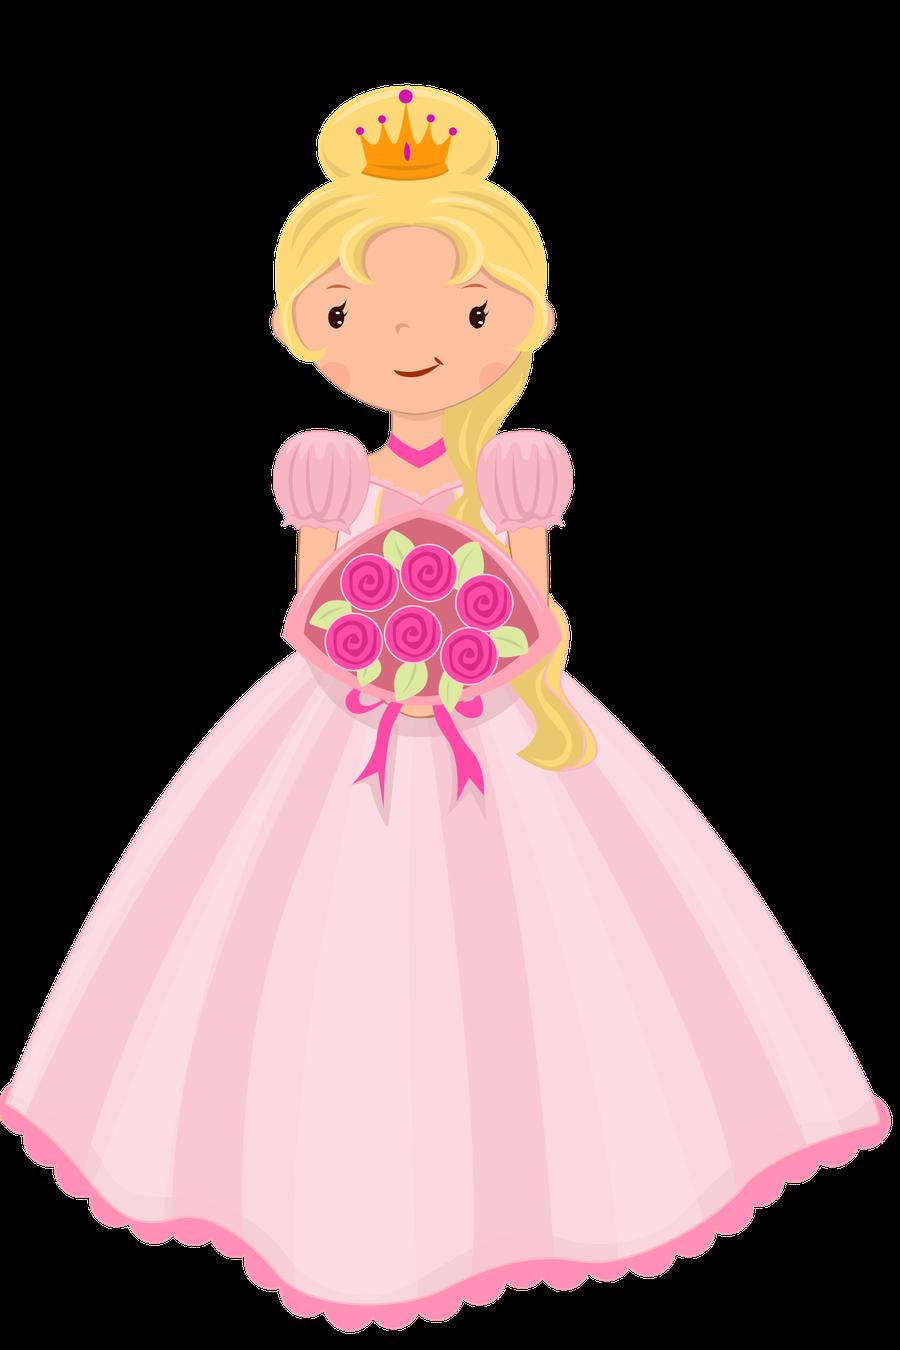 Girly clipart dress hanger. Http danimfalcao minus com